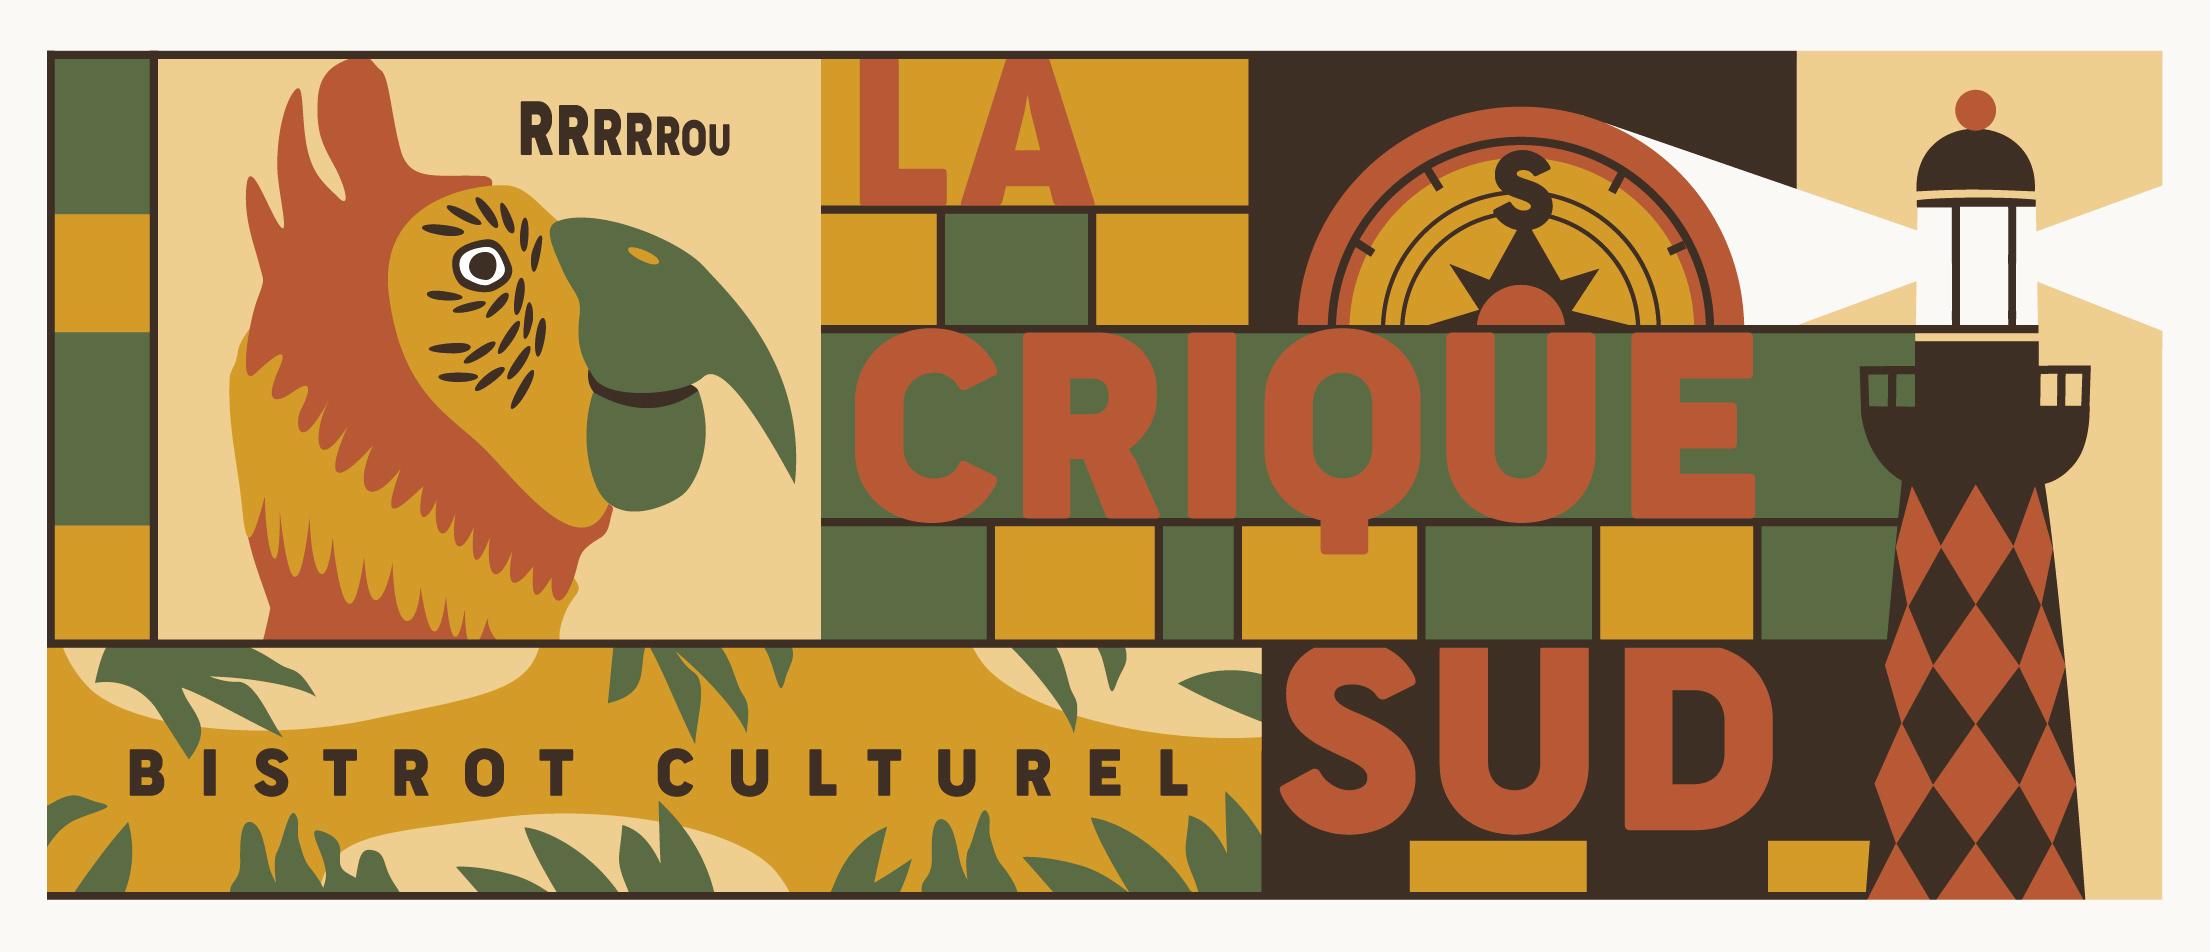 Bienvenue à la Crique Sud